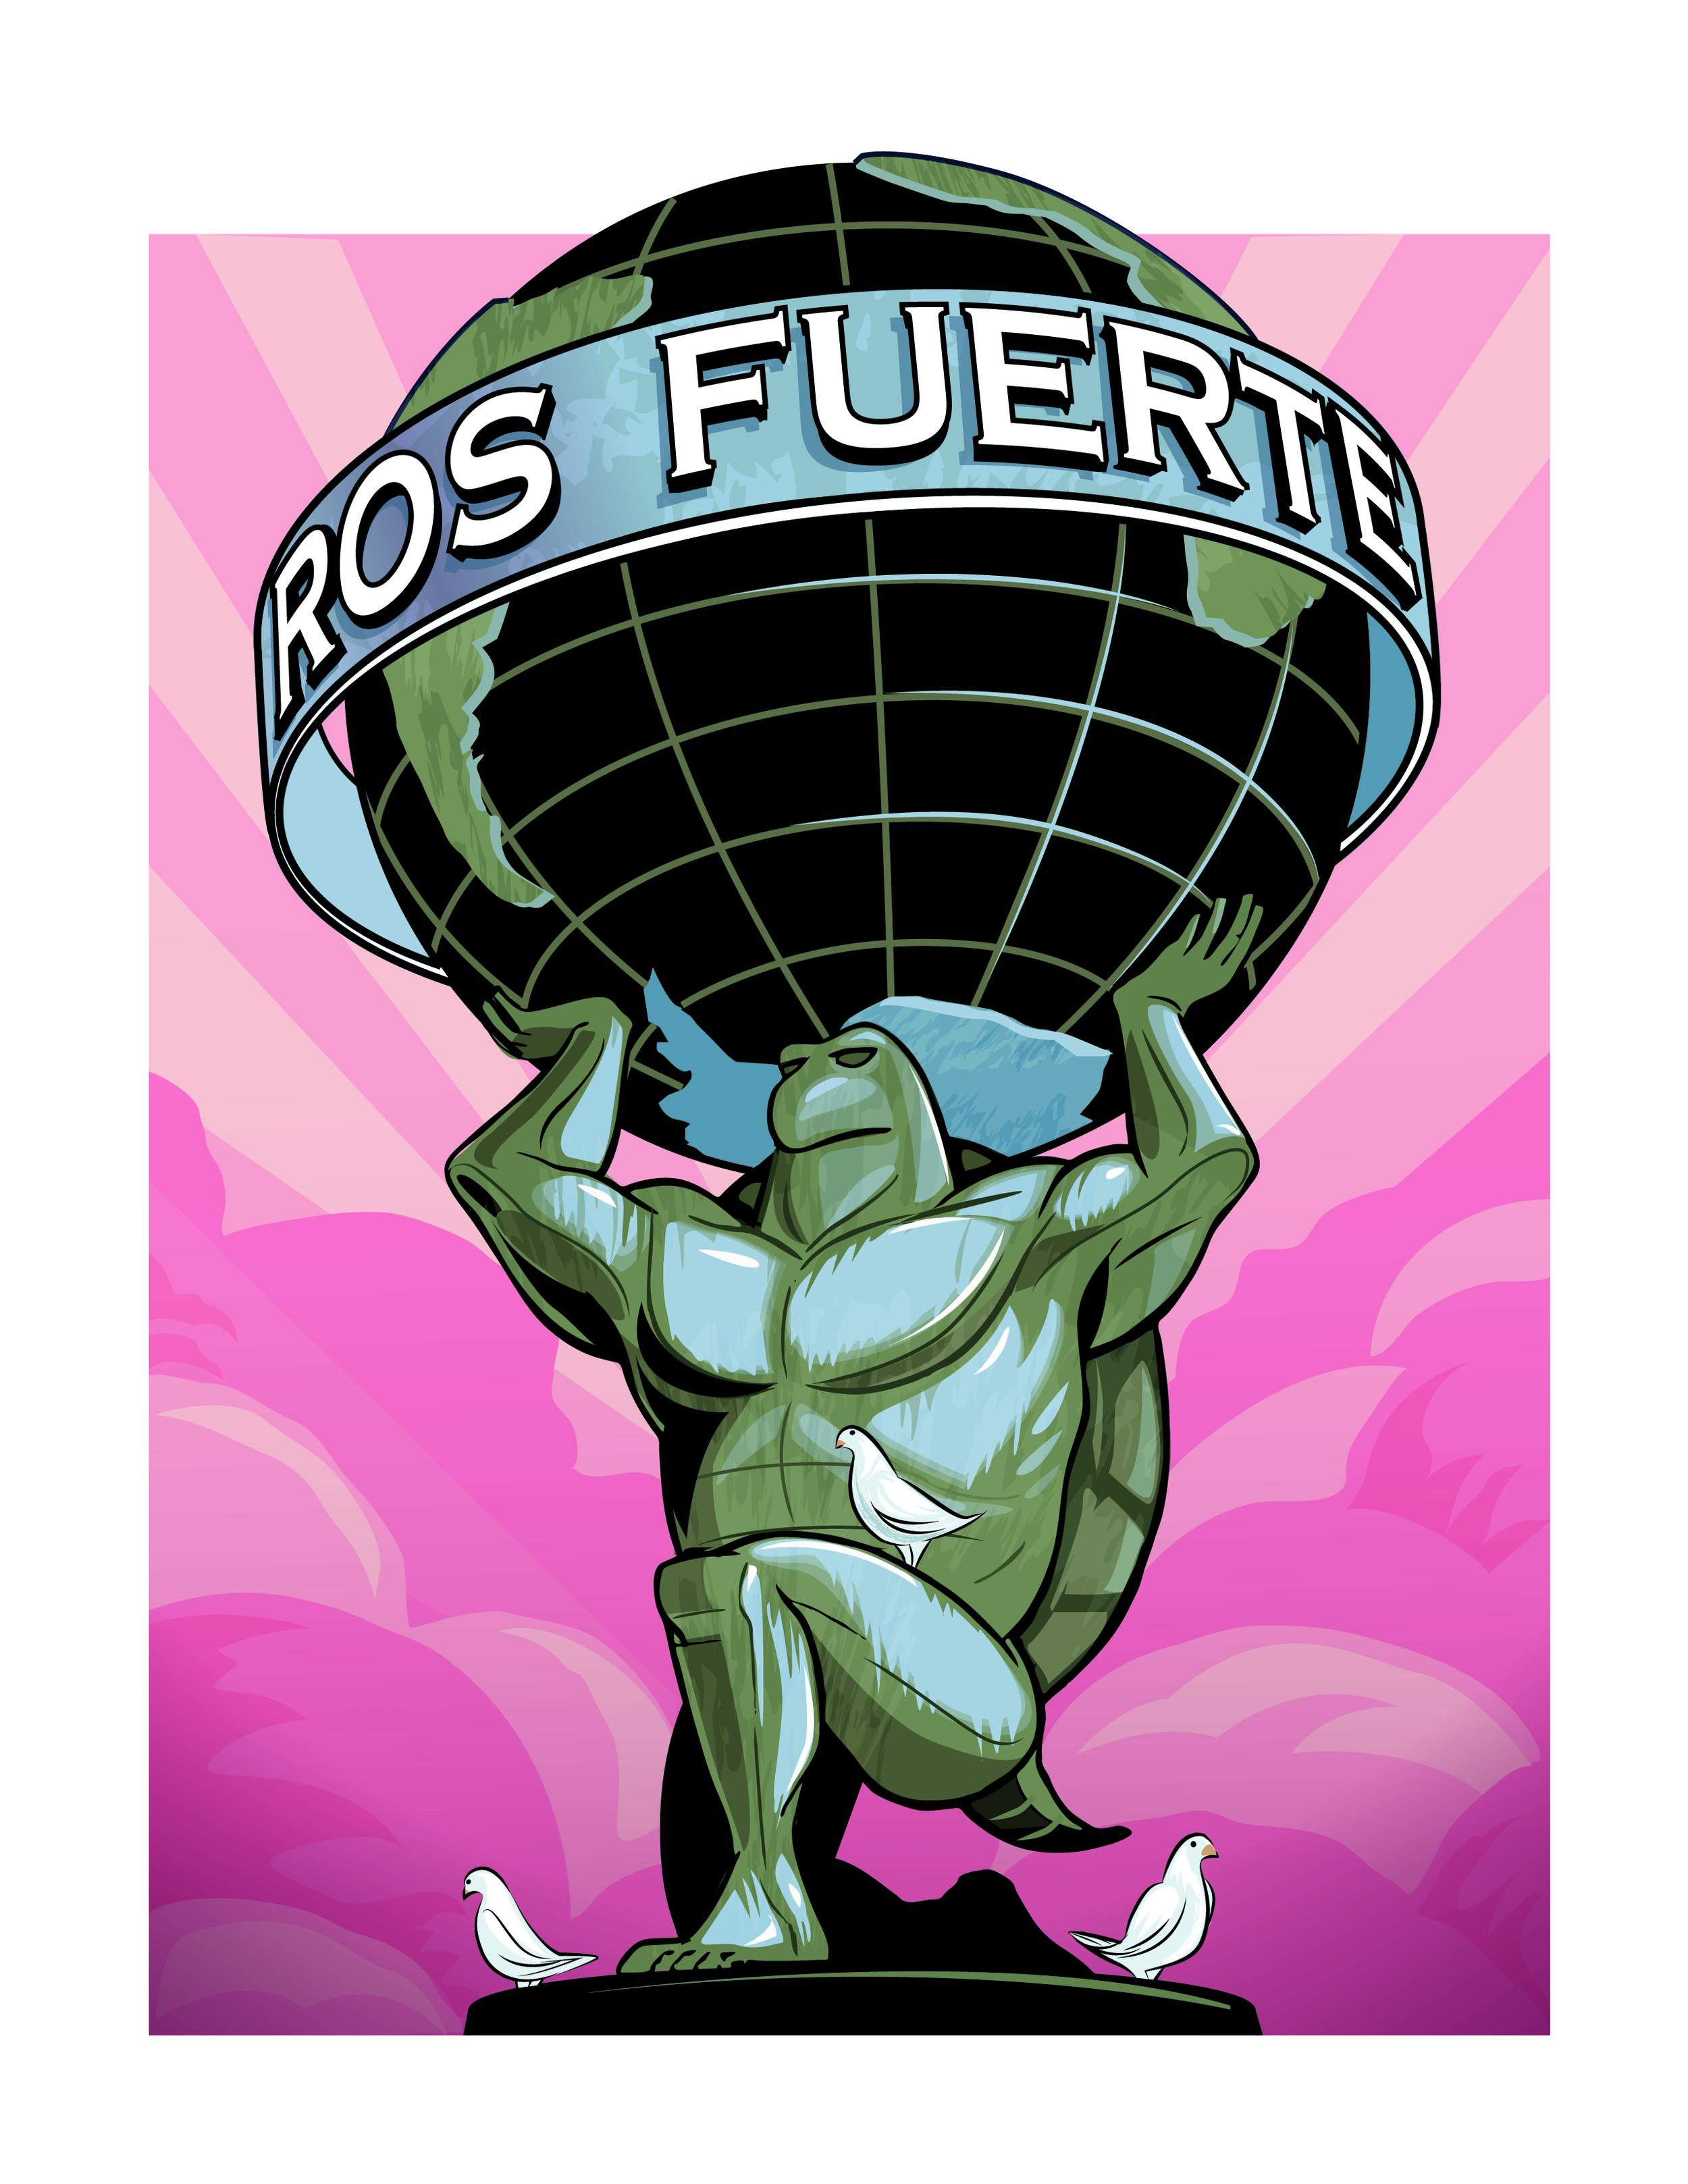 ROSFuerte_poster.jpg